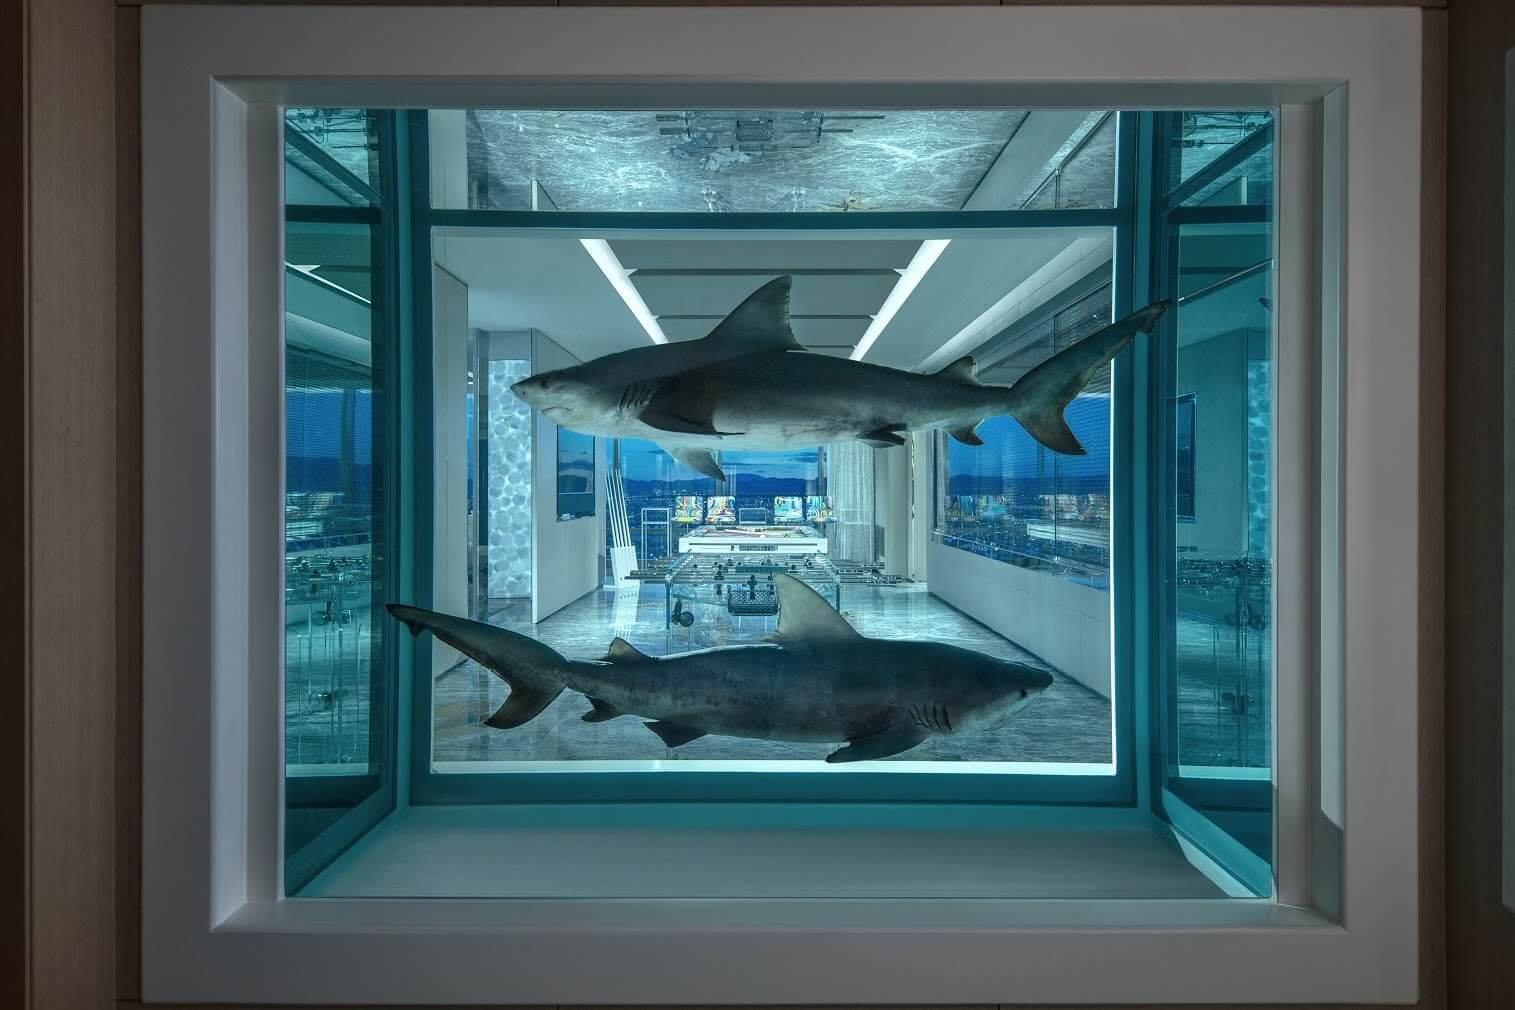 Suite diseñada por Damien Hirst en Las Vegas